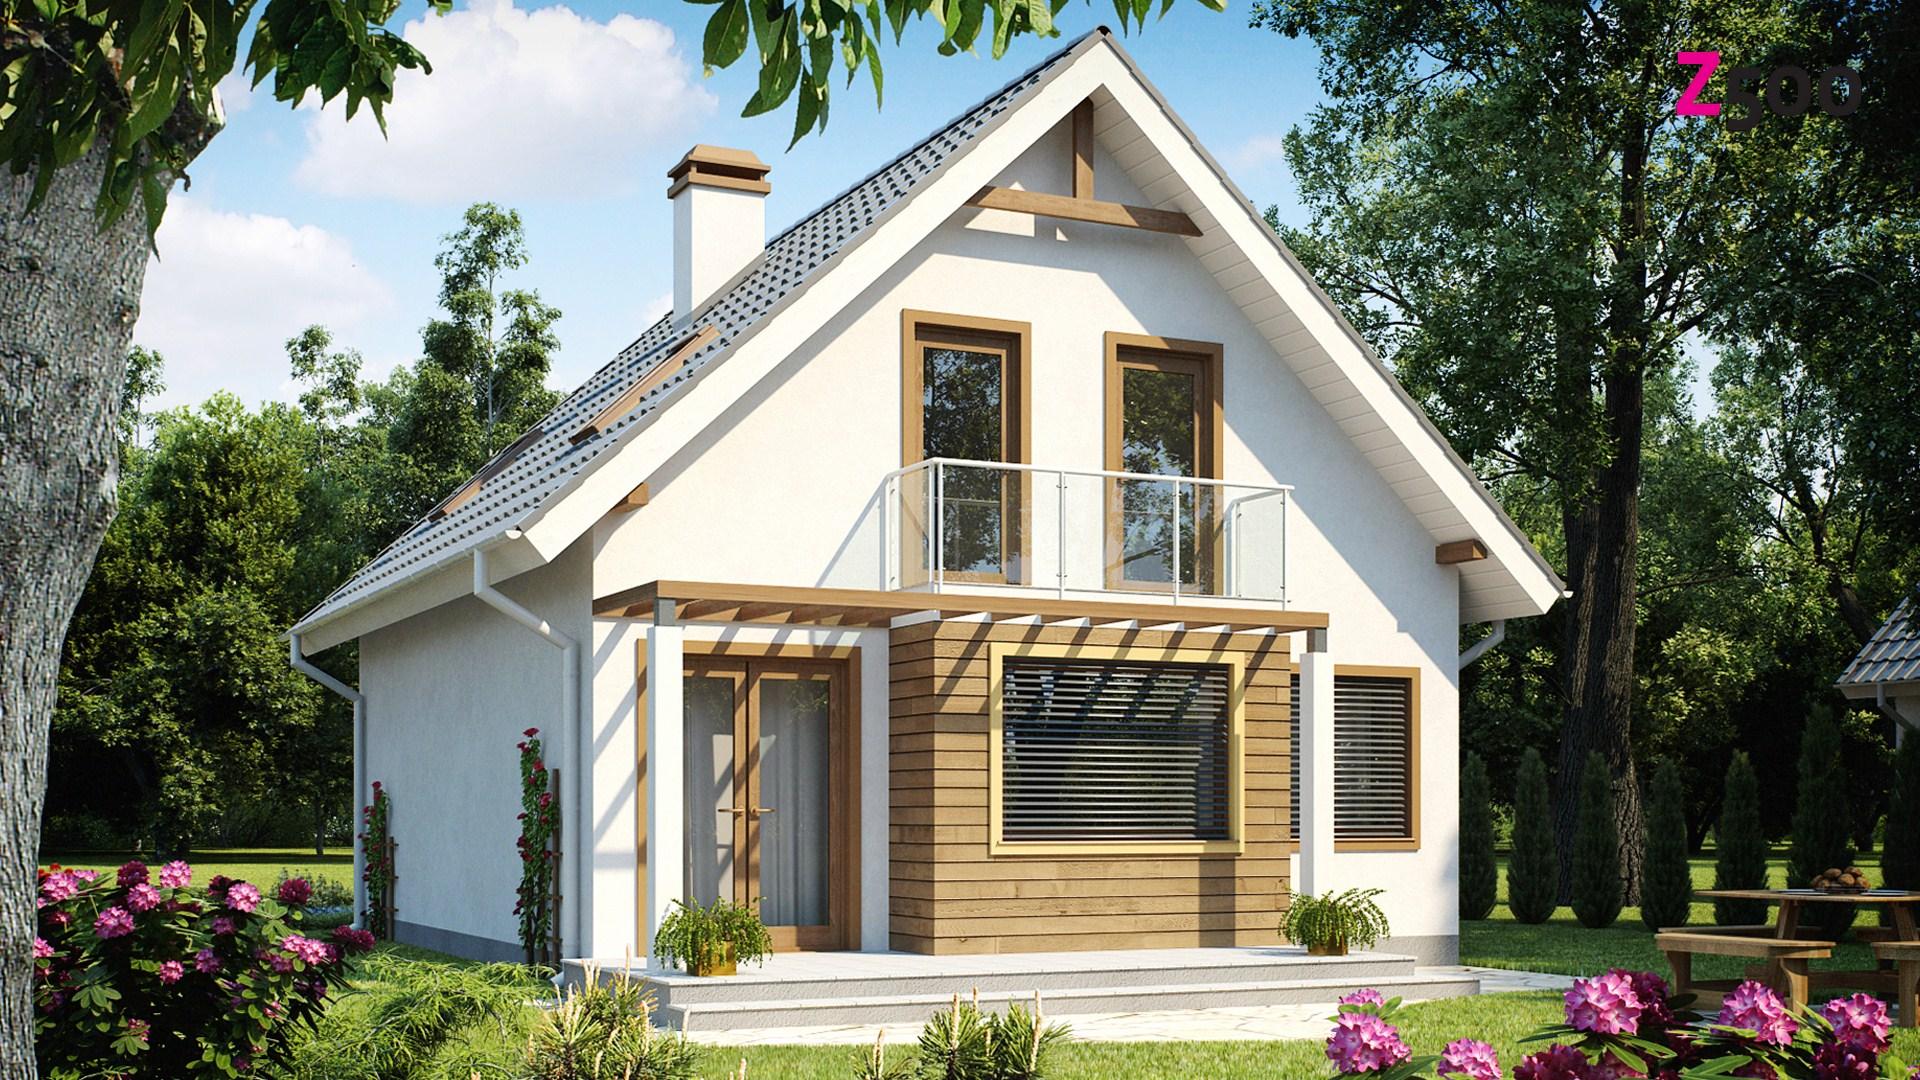 Готовый проект дома z99 dk с ценой, реализация и интерьер 1h.